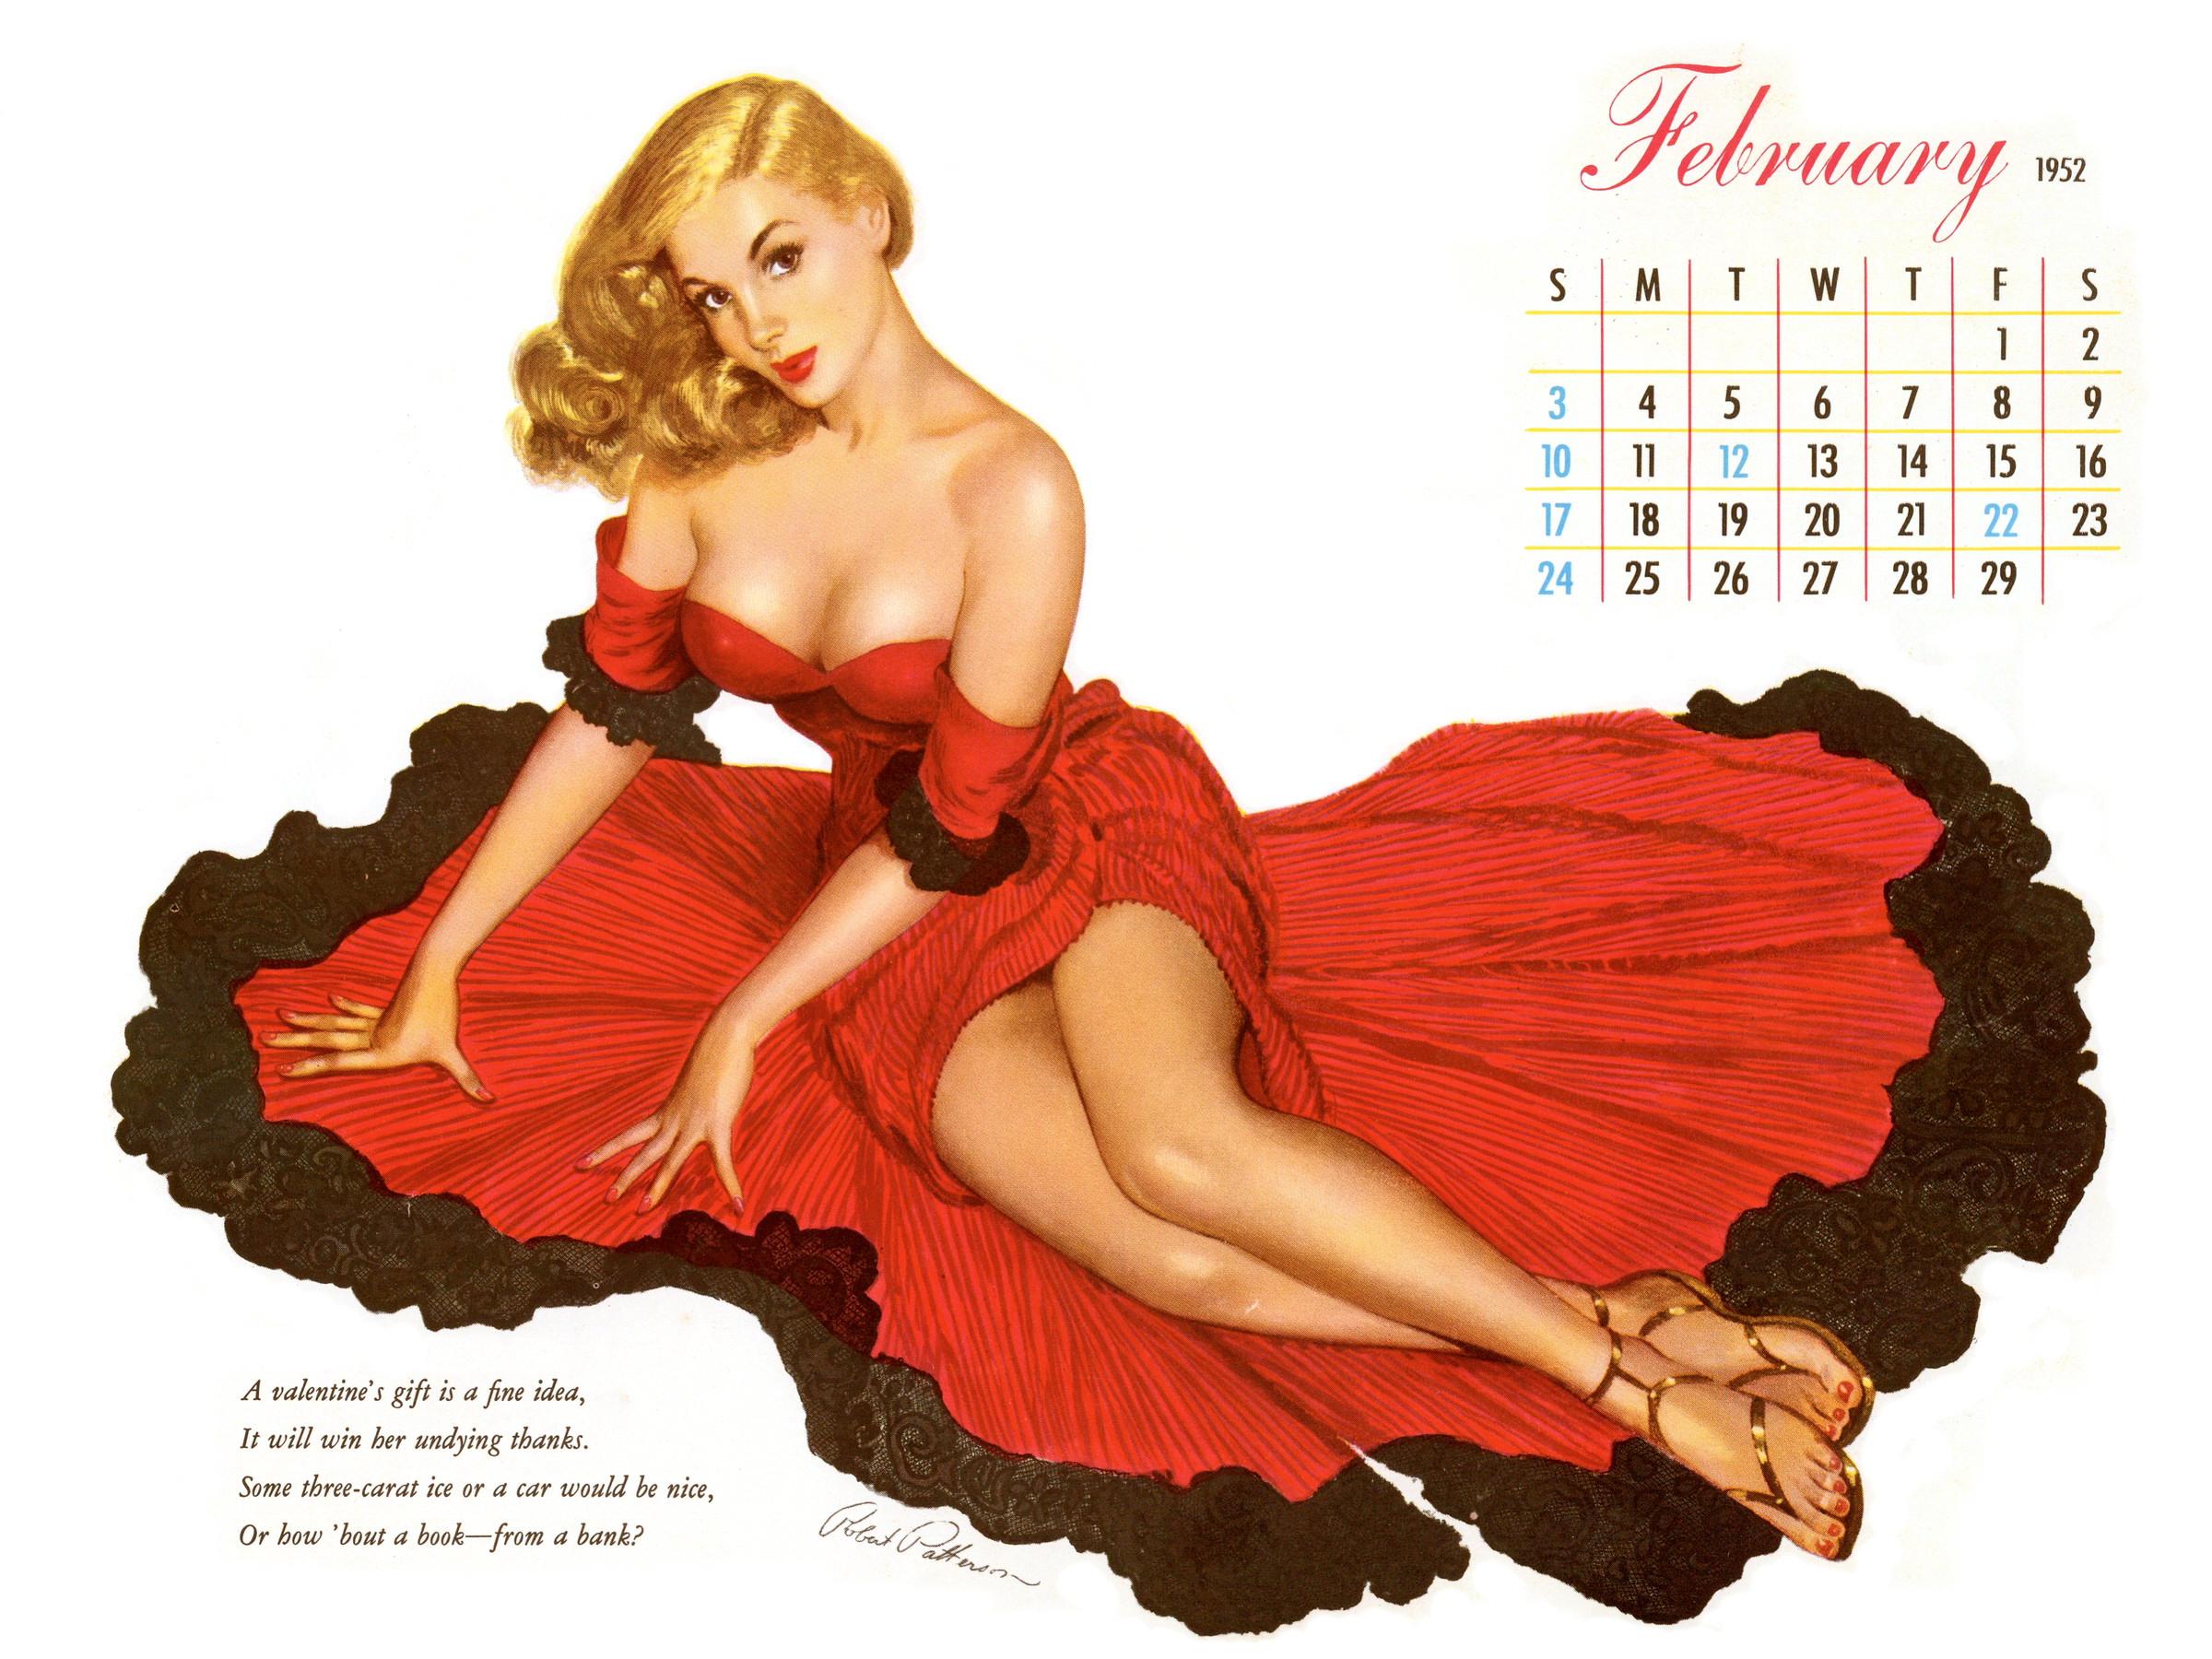 1952 Esquire-Calendar-02